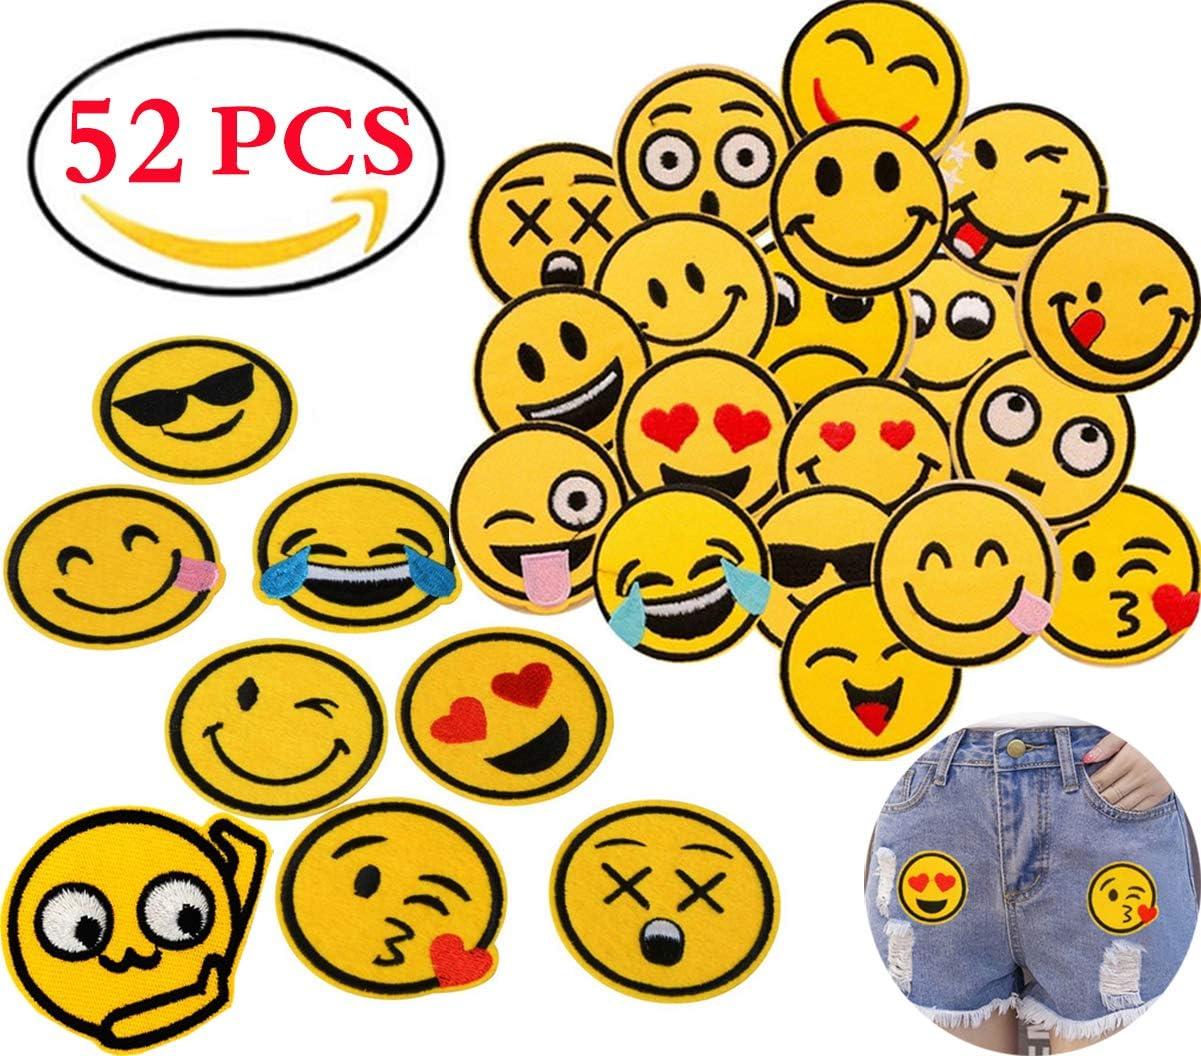 Liuer Patch Sticker 52PCS Ropa Termoadhesivos Lentejuelas bordados cosidos insignia de parche bordado decoración Cute DIY para la camiseta Jeans Ropa Bolsas bolso vaqueros mochilas zapatos de lona